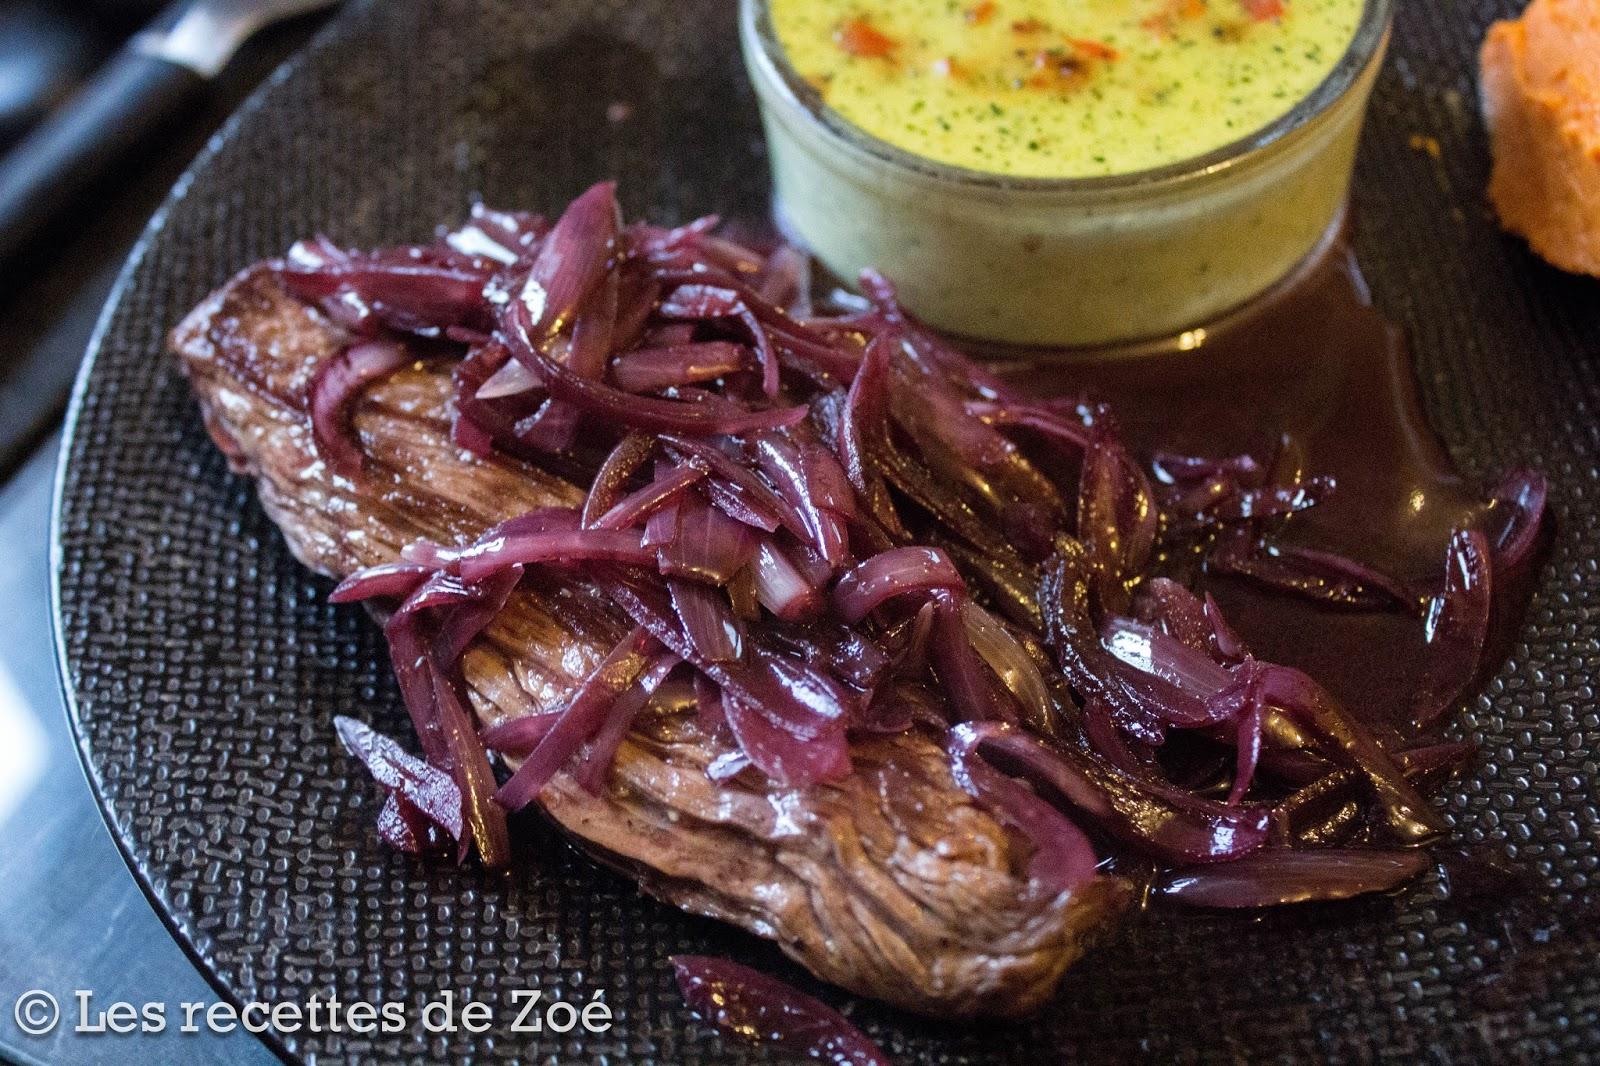 Les recettes de zo bavette l 39 chalote au vin rouge - Culture de l echalote ...